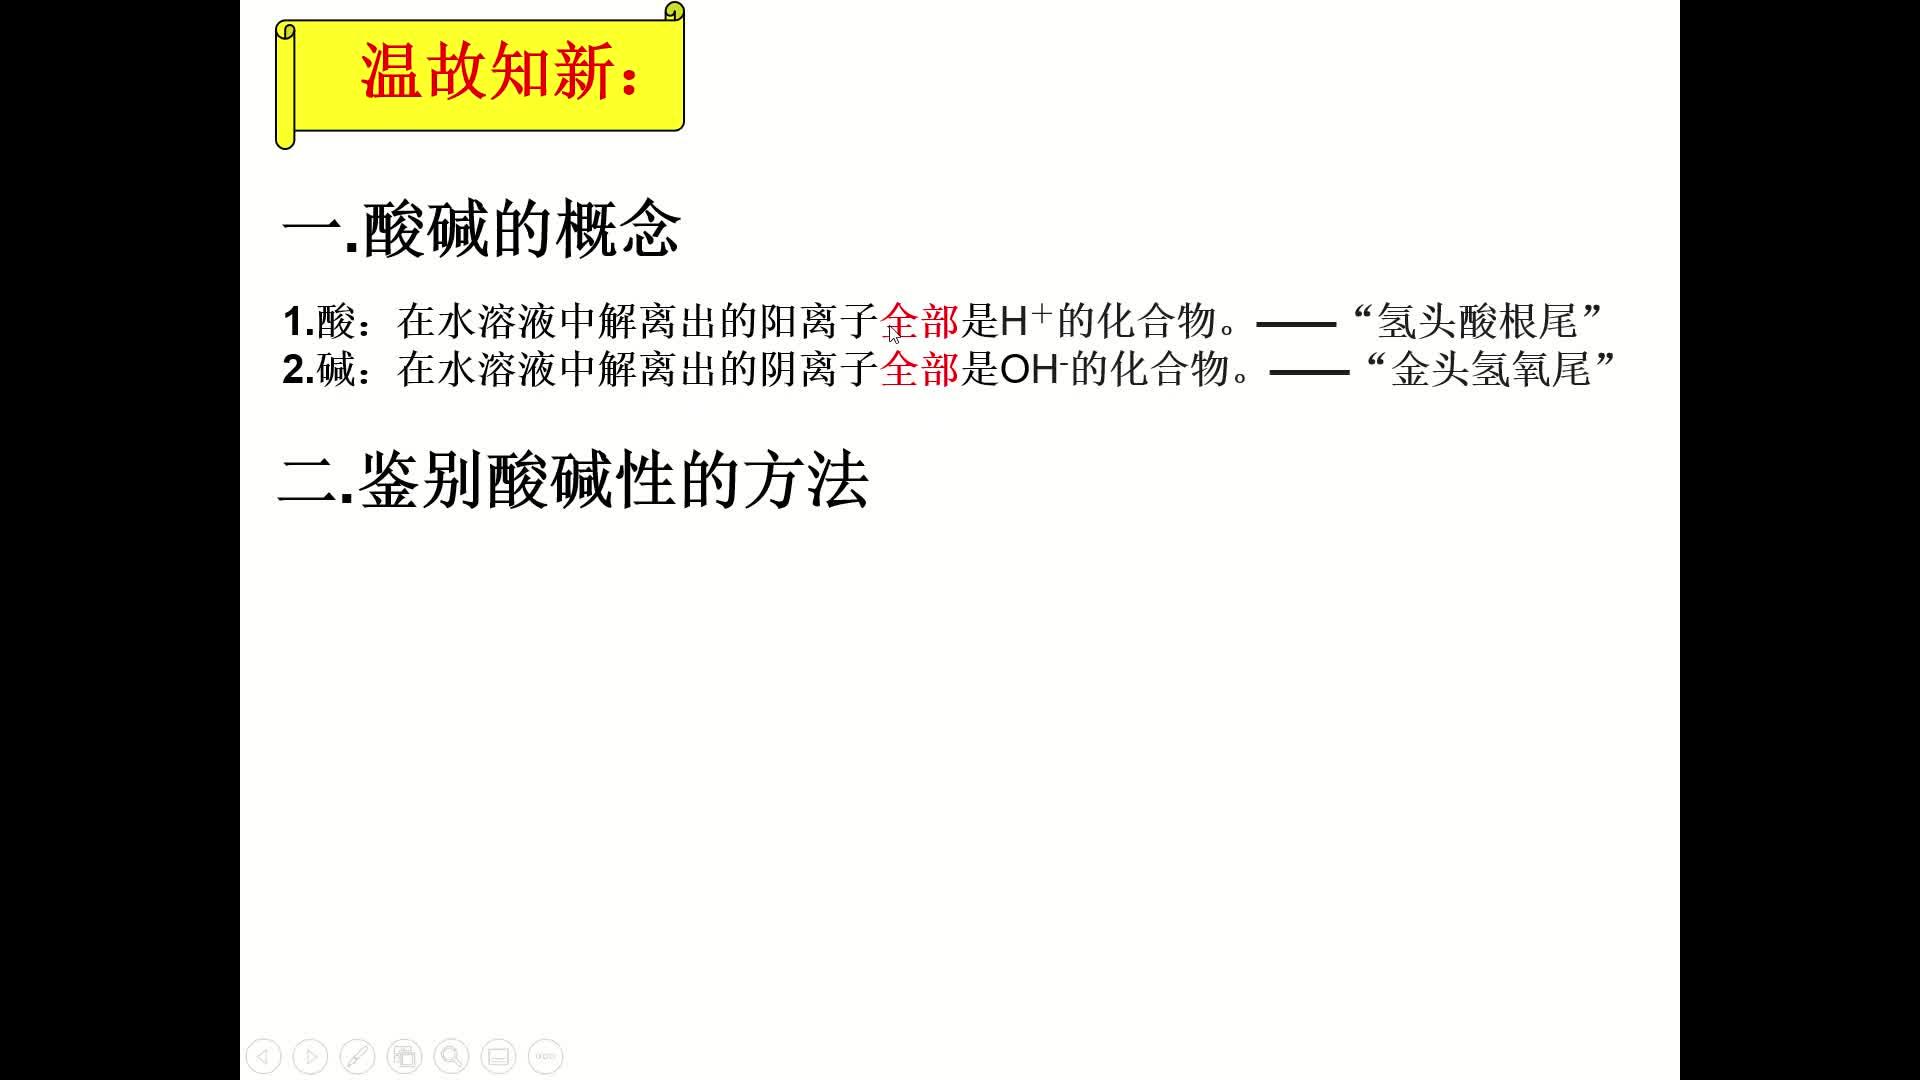 人教版九年级下册第十单元课题2酸和碱的中和反应   视频课 (avi)